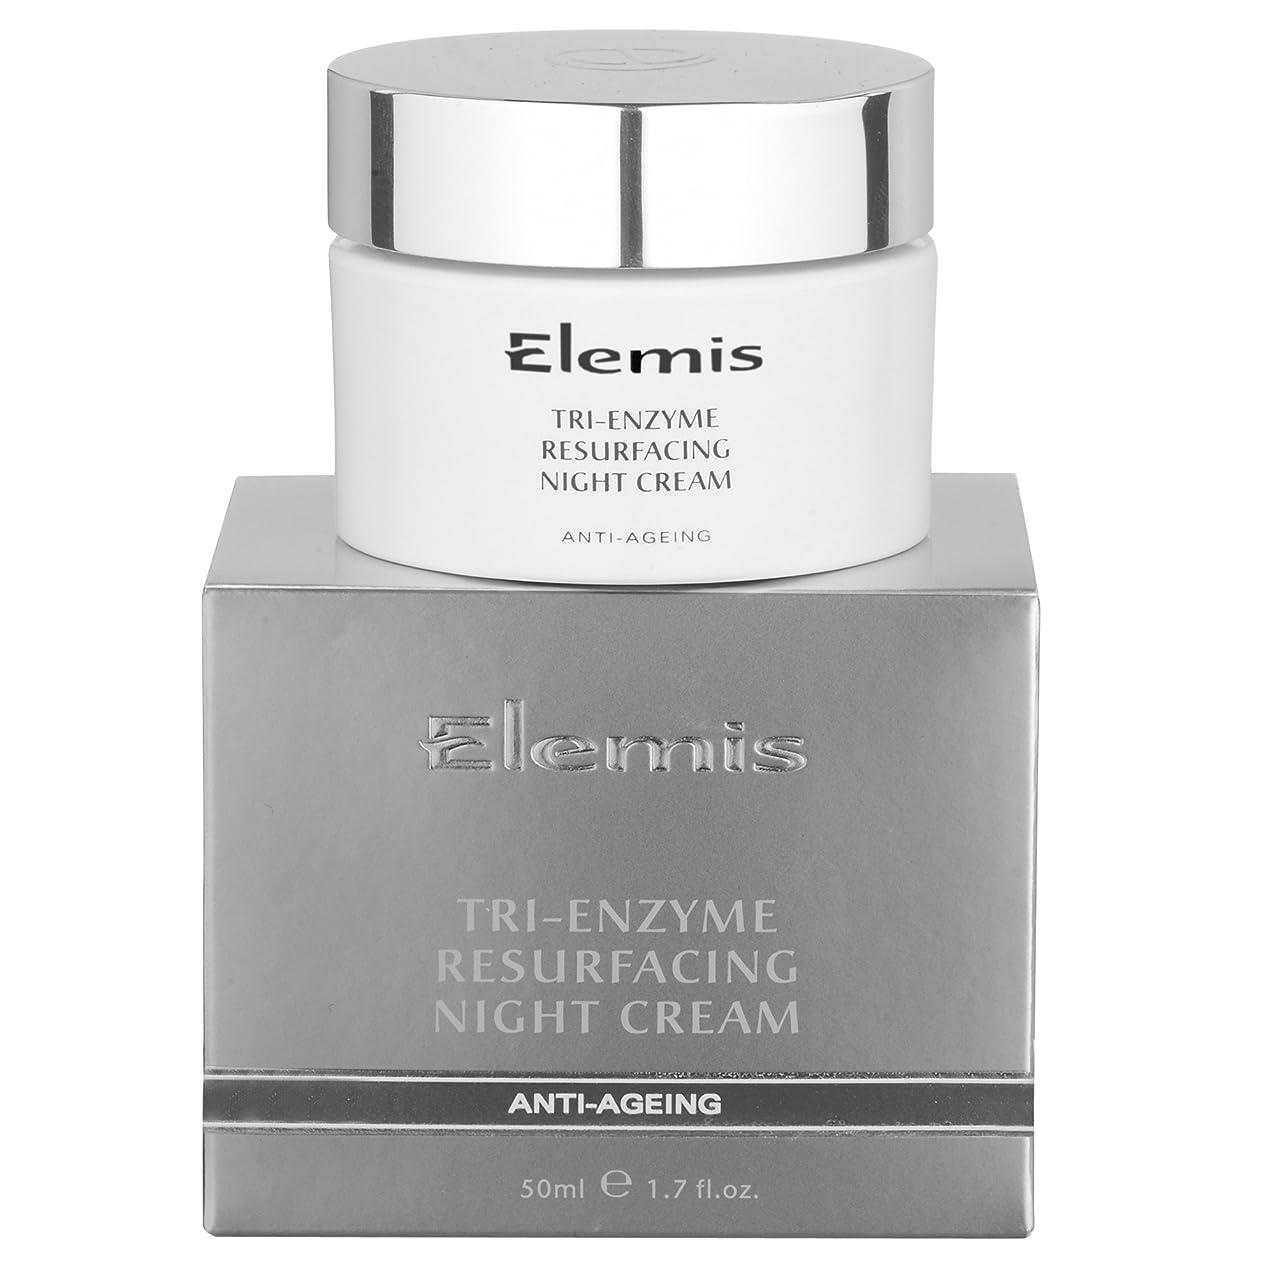 同意一生人エレミストライ酵素再舗装ナイトクリーム (Elemis) (x2) - Elemis Tri-Enzyme Resurfacing Night Cream (Pack of 2) [並行輸入品]